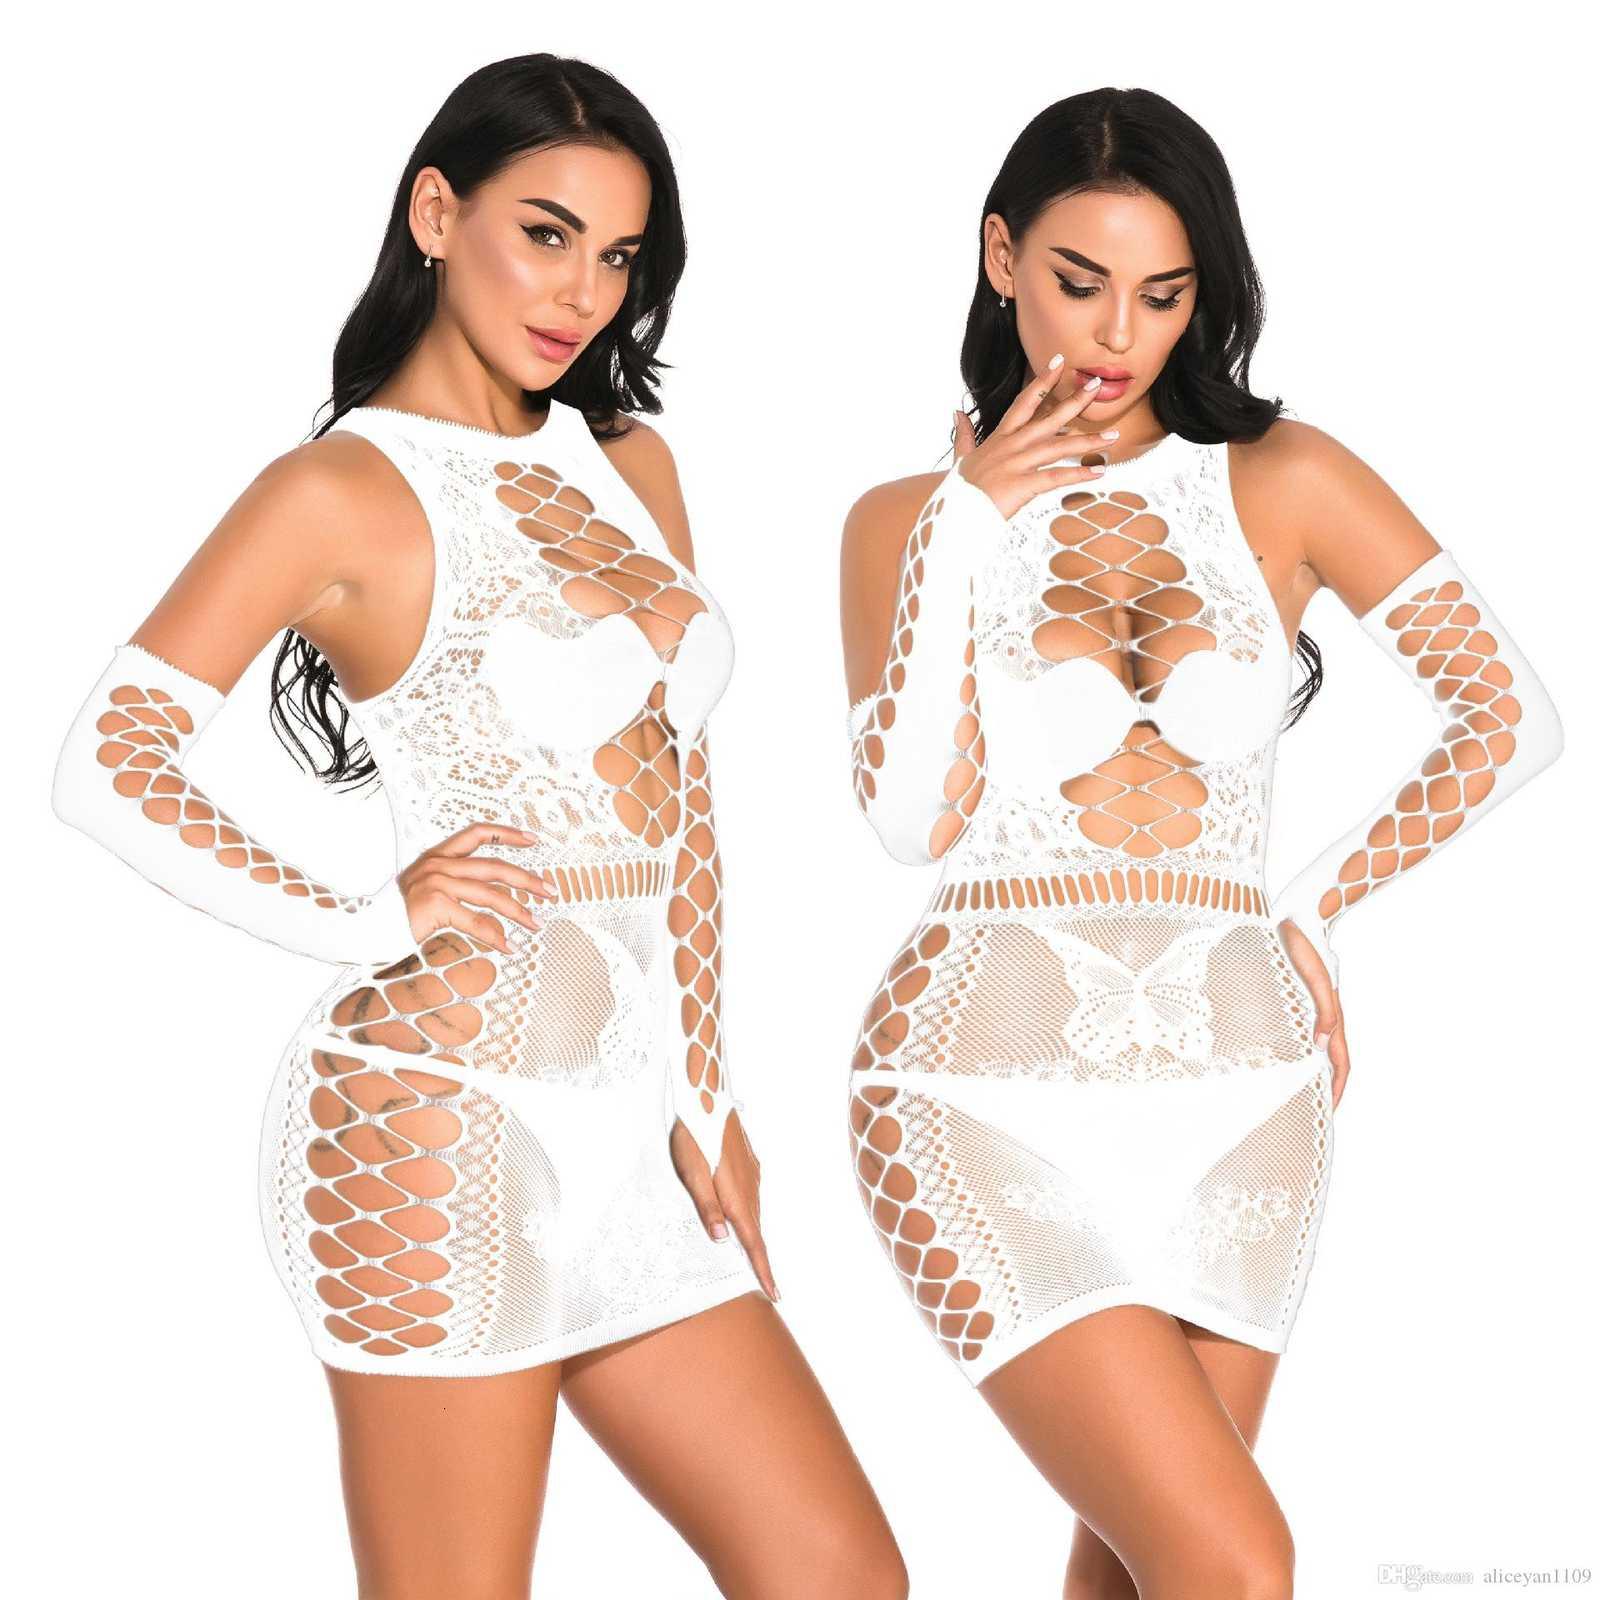 Plus Size Sexy Lingerie Erotic Babydoll Underwear Women's Black Lace Nightdress Large Size Costumes Sleepwear Dress